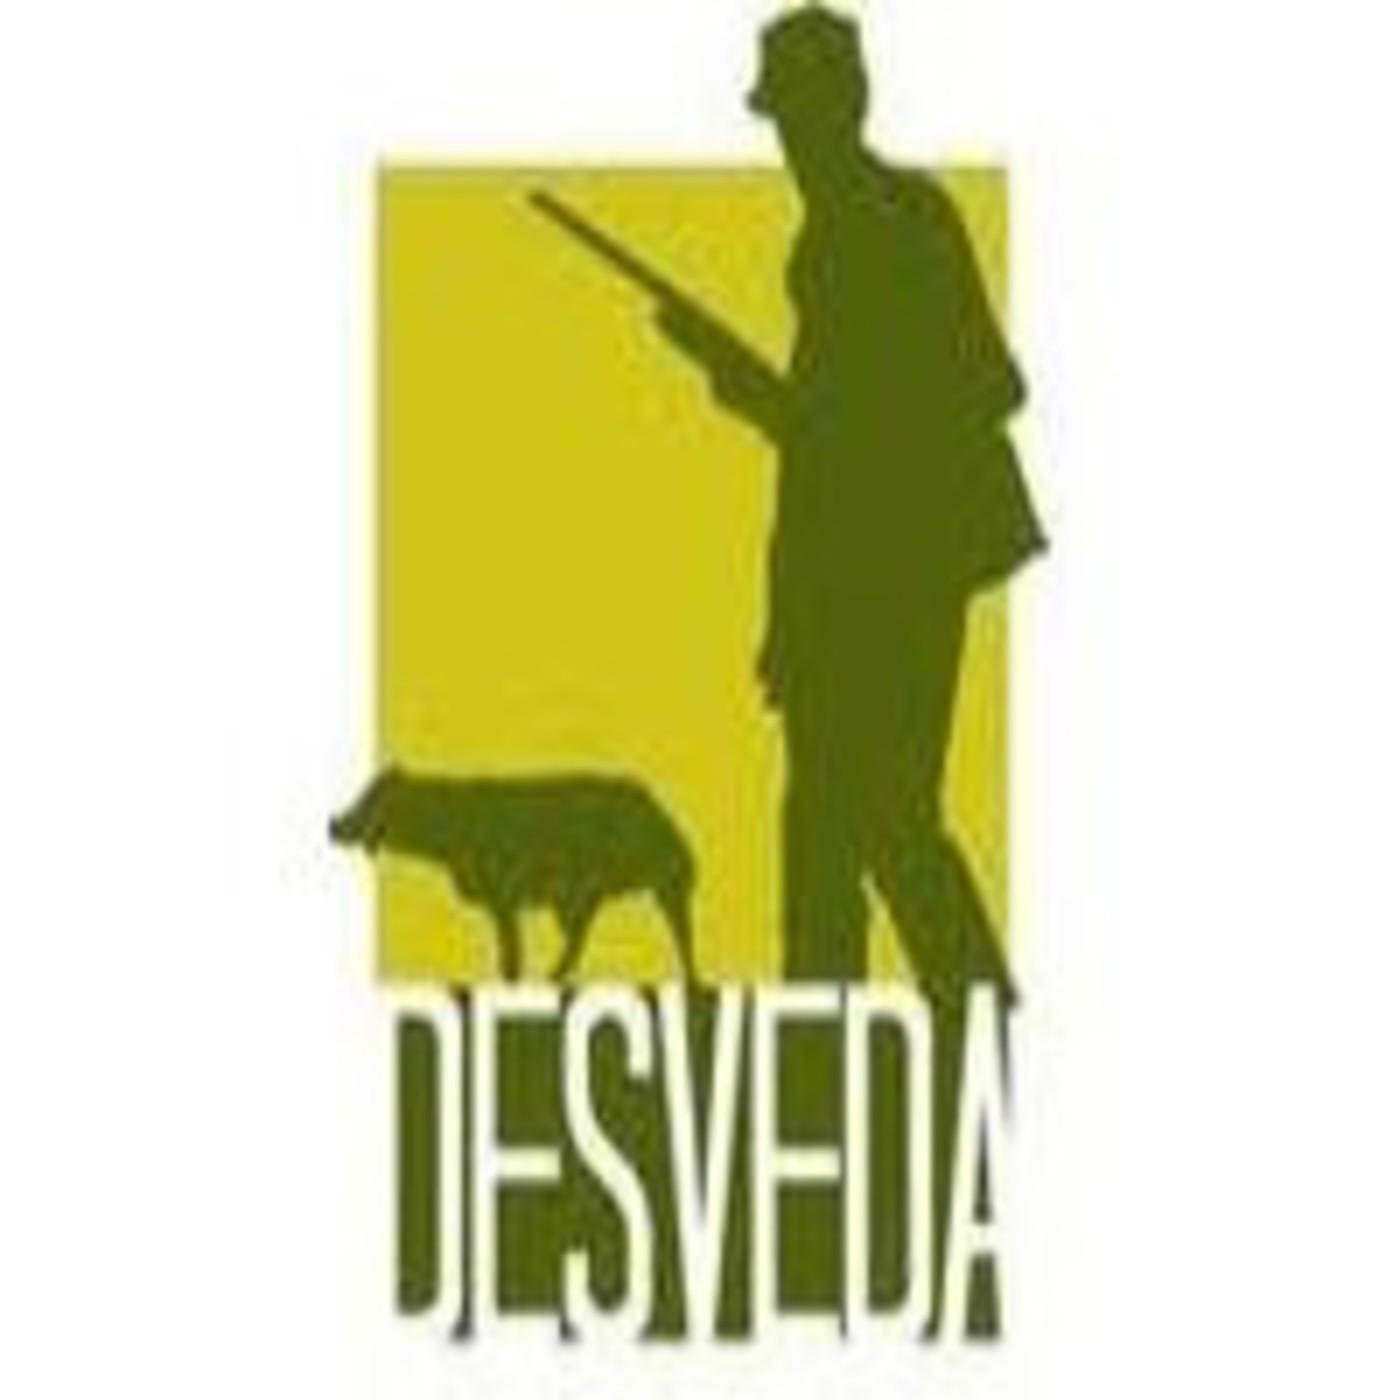 Programa nº 66 - DESVEDA caza, pesca, tiro deportivo, medio rural y natural.